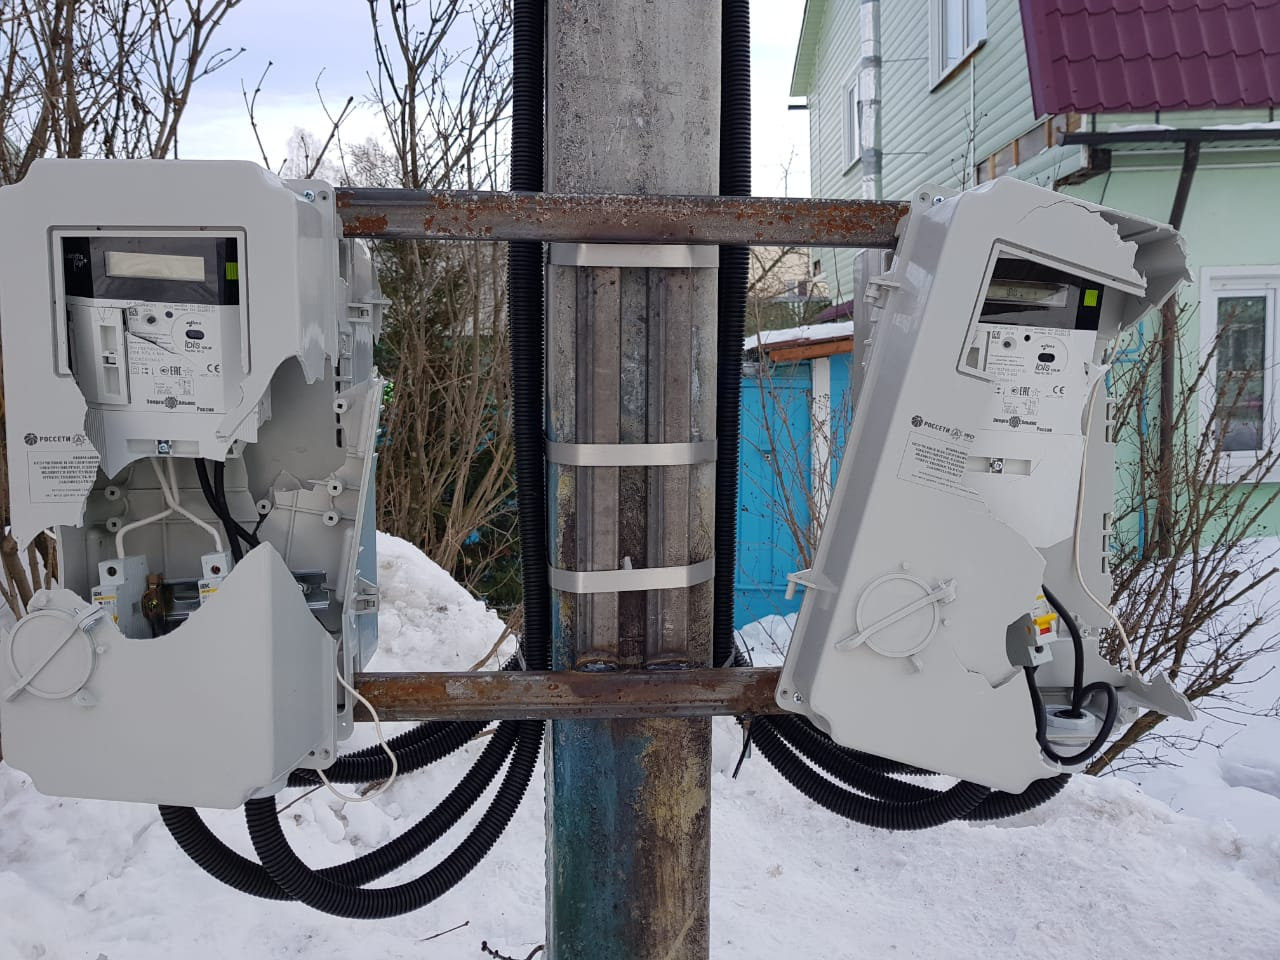 Разбившему электросчетчики ярославцу грозит уголовная ответственность